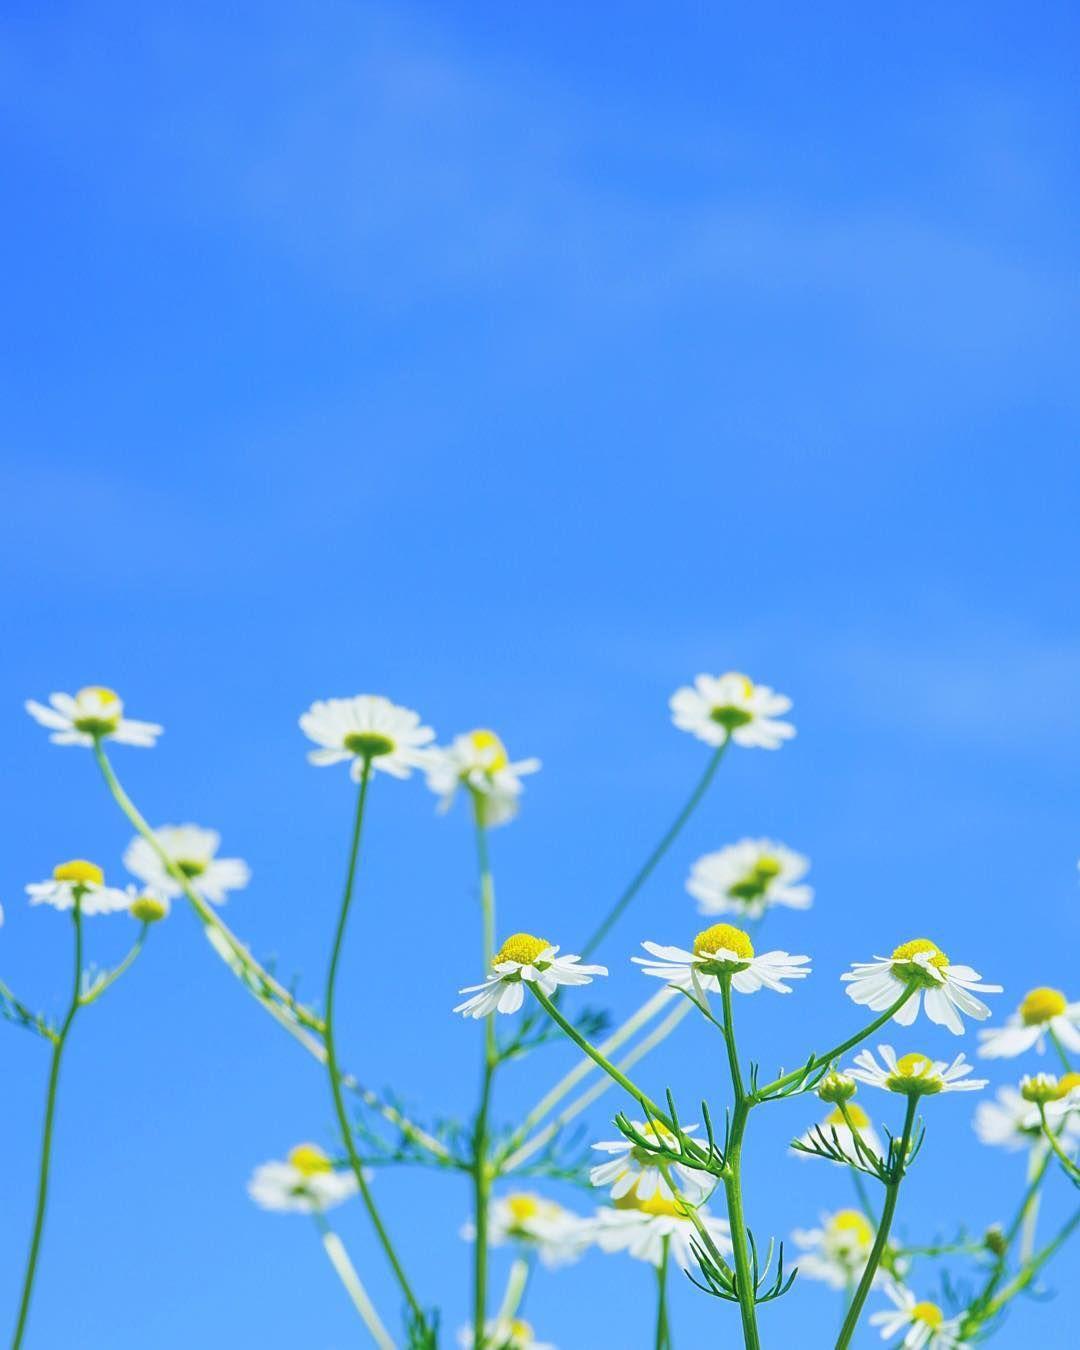 青空に向かって  どこに時計が付いているのかな?植物は自分が咲く時が来ると青空に向かって伸びていく。 植物の力ってスゴイ‼️ ※ ※ #はなまっぷ #α6000 #ソニー #ファインダー #ファインダー越し私の世界 #flowergirl #flowers #flowerslovers #flowerstagram #flowerslovers #flower_special_ #nature_special_ #nature #naturephotography #カメラ初心者 #カメラ女子部 #東京カメラ部 #カメラのキタムラ #キタムラ写真投稿 #関西カメラ部 #カメラ好きな人と繋がりたい #ファインダー越し私の世界 #ファインダー #空 #青空 #jp_views_flowershot http://gelinshop.com/ipost/1517780623580809114/?code=BUQPW-DgUea